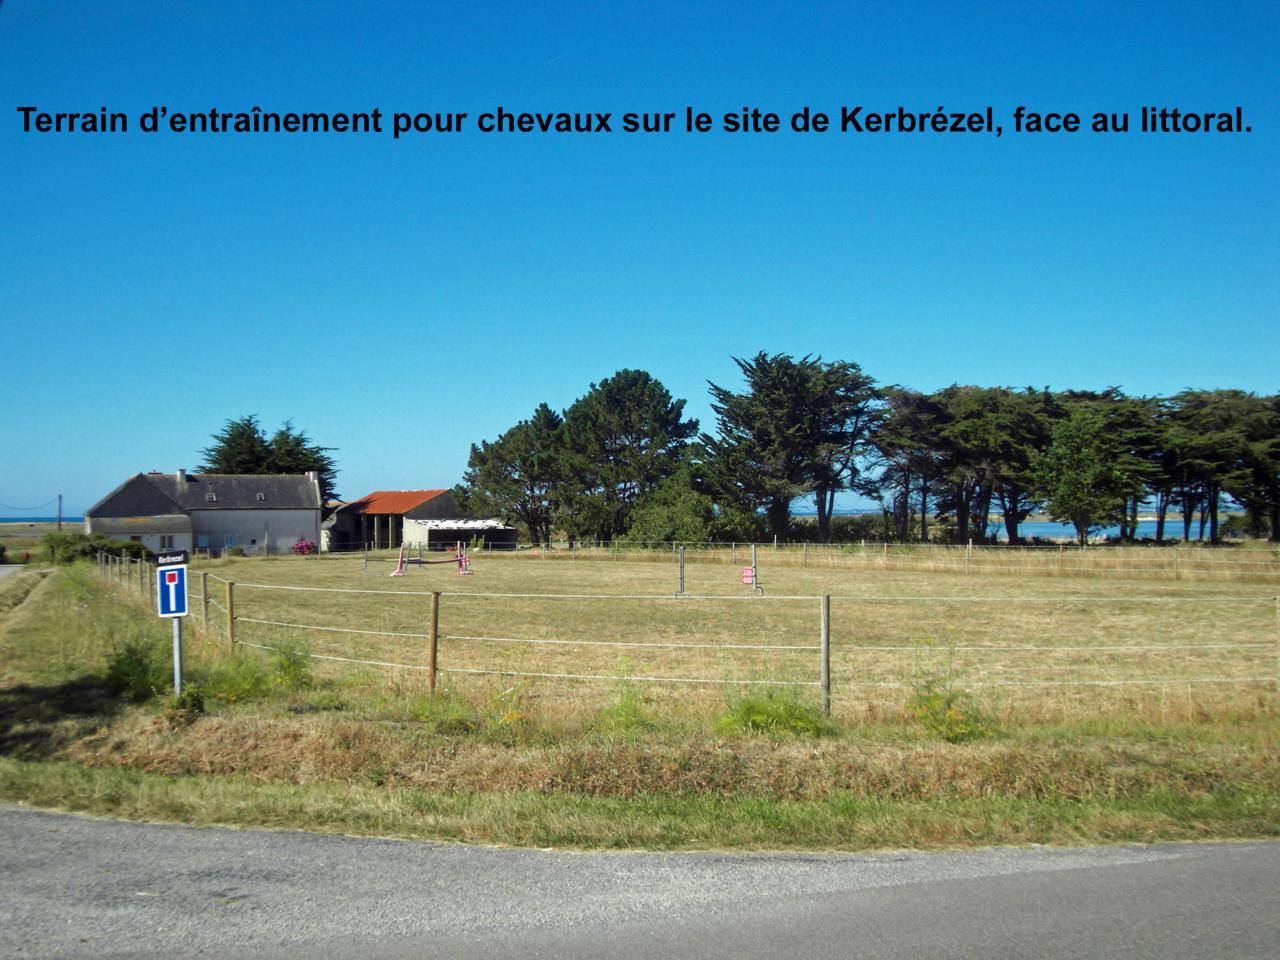 Terrain d'entraînement pour chevaux sur le site de Kerbrézel face au littoral